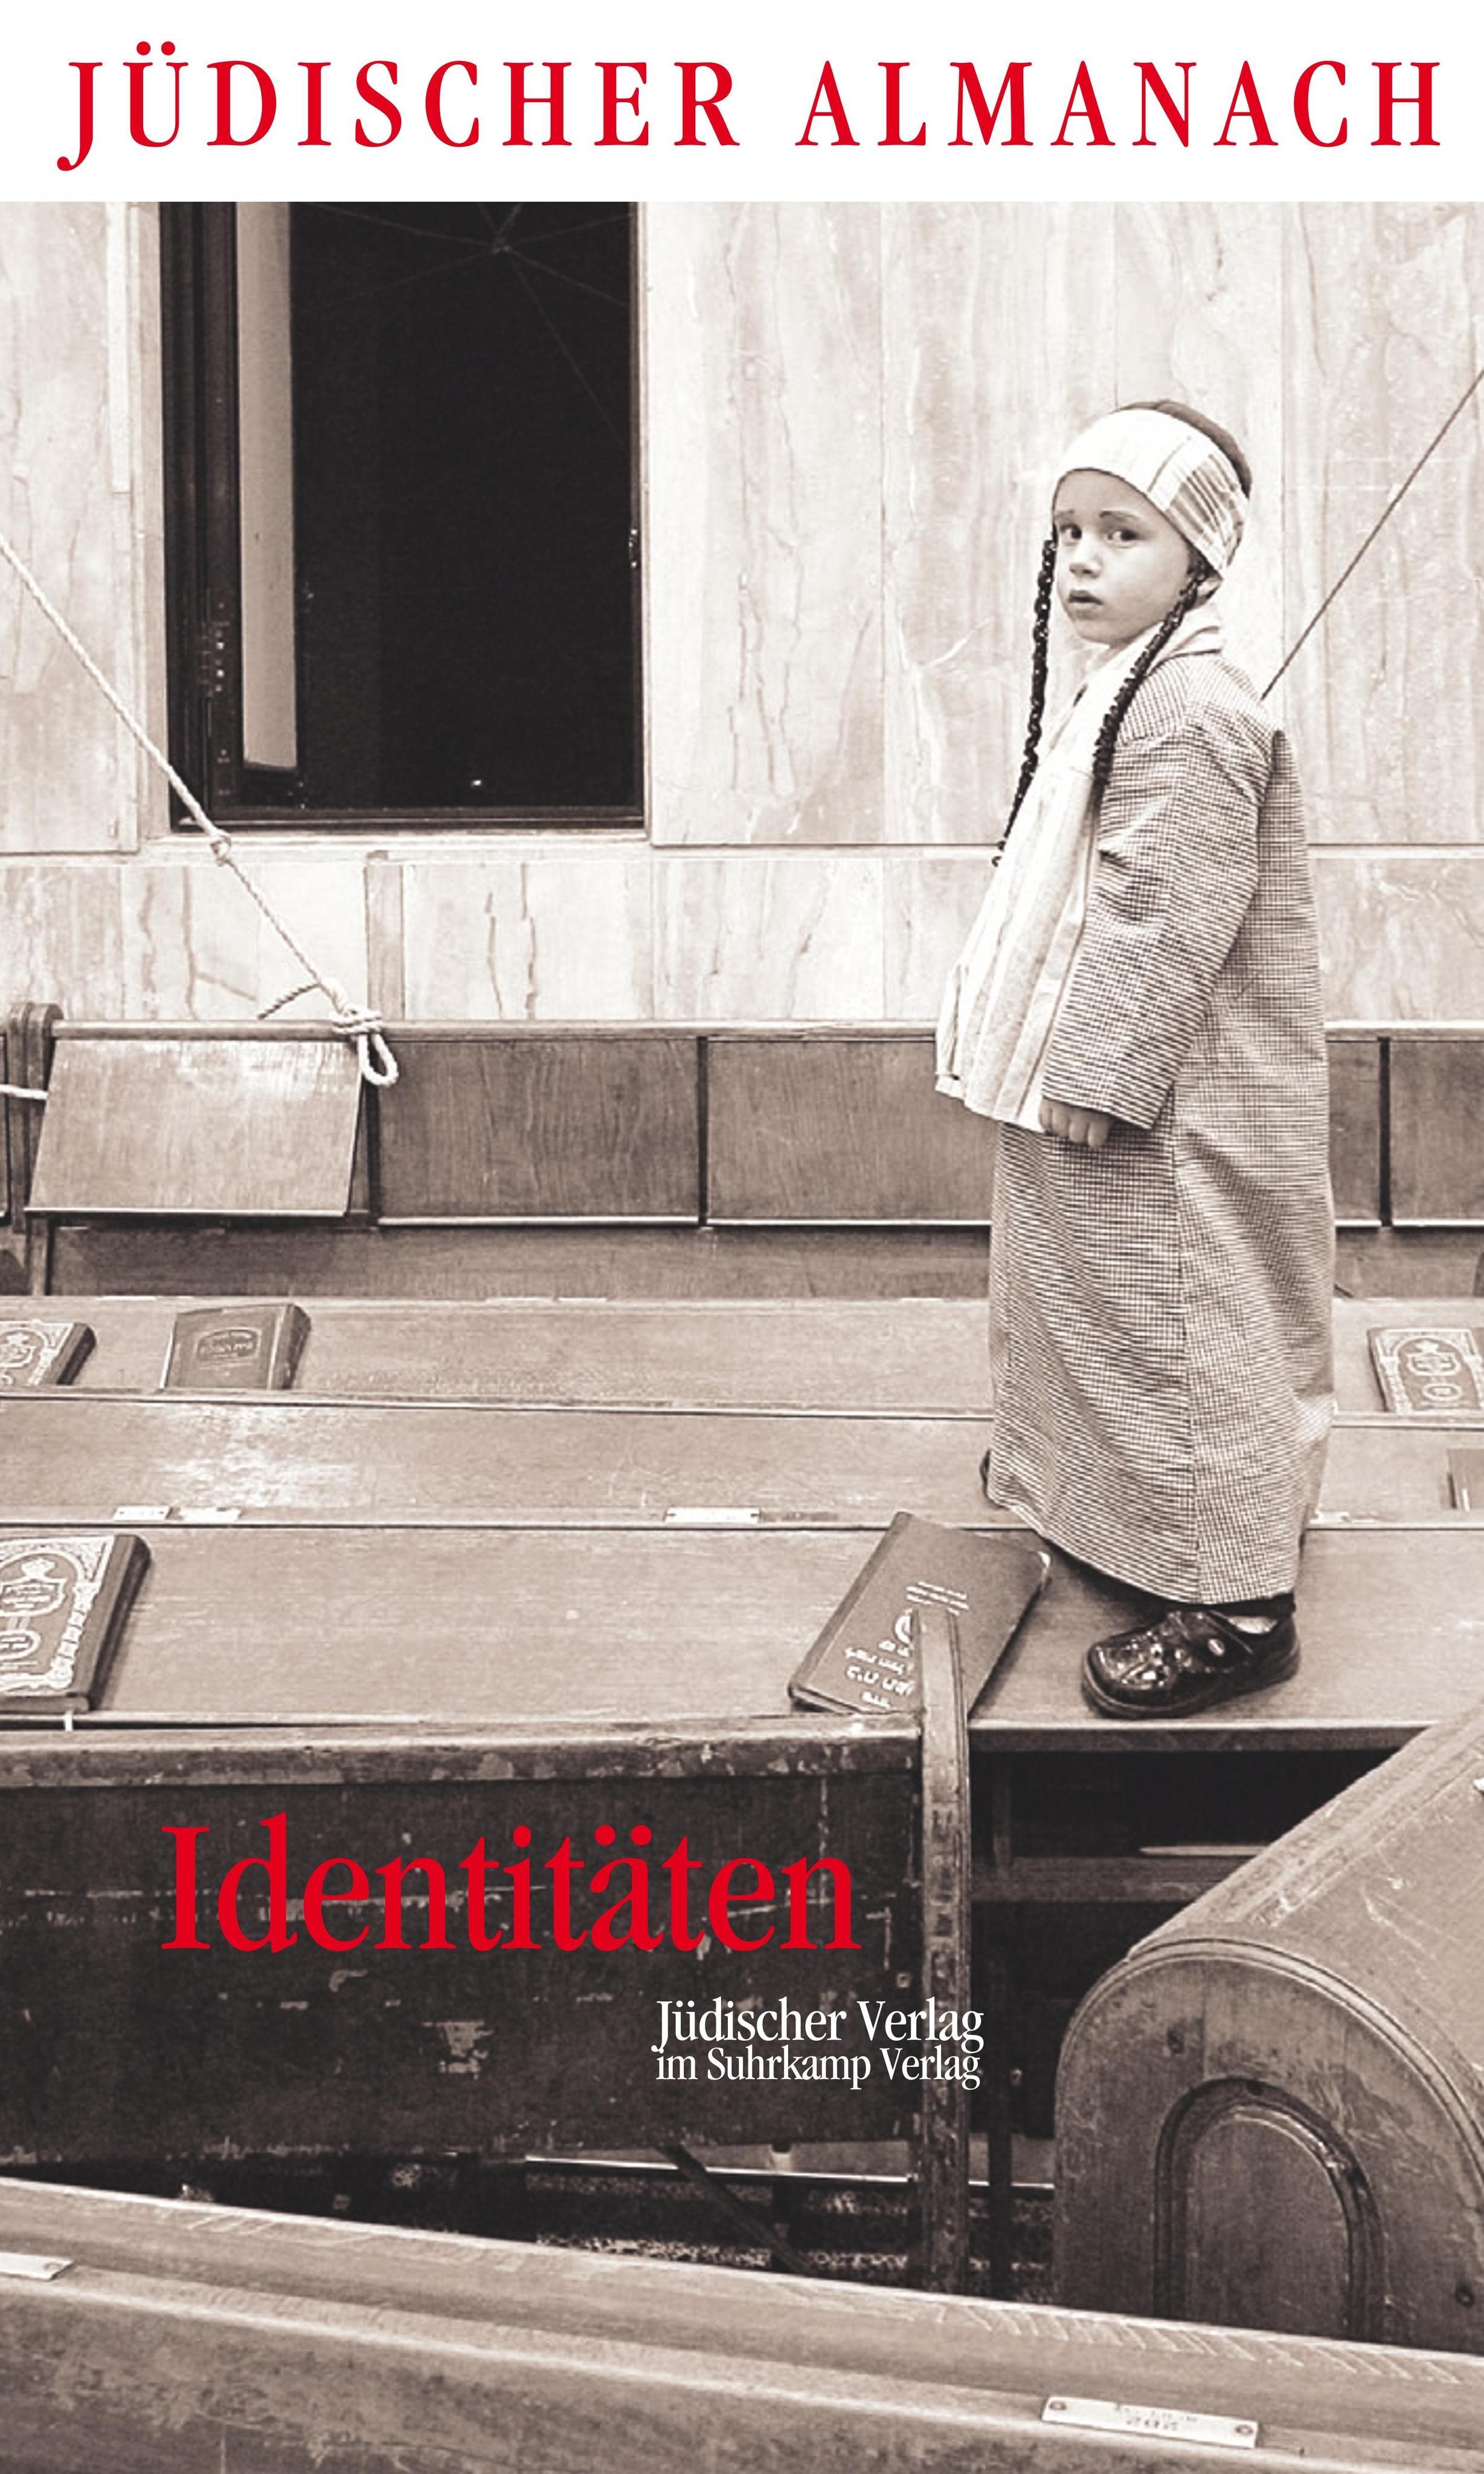 Juedischer-Almanach-Identitaeten-Gisela-Dachs